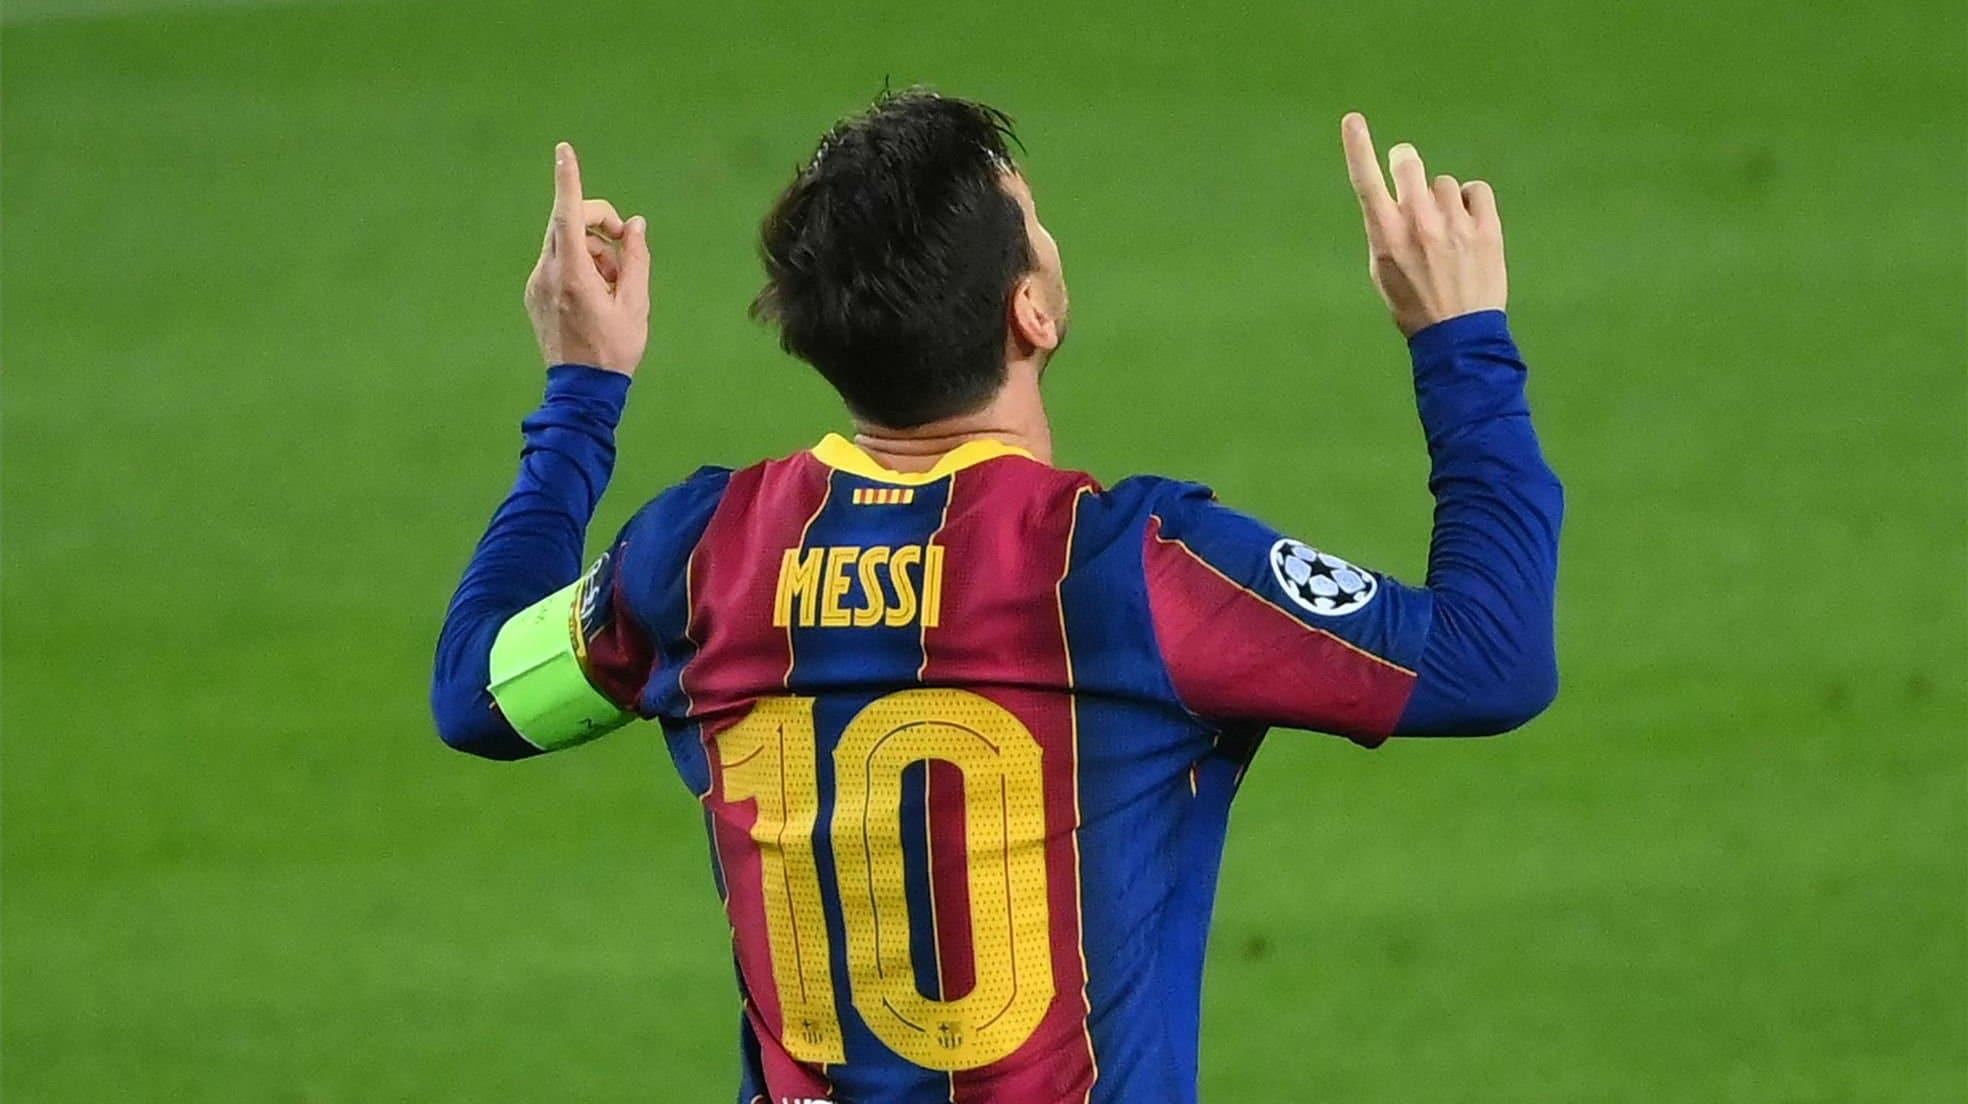 Es el mejor jugador de todos los tiempos